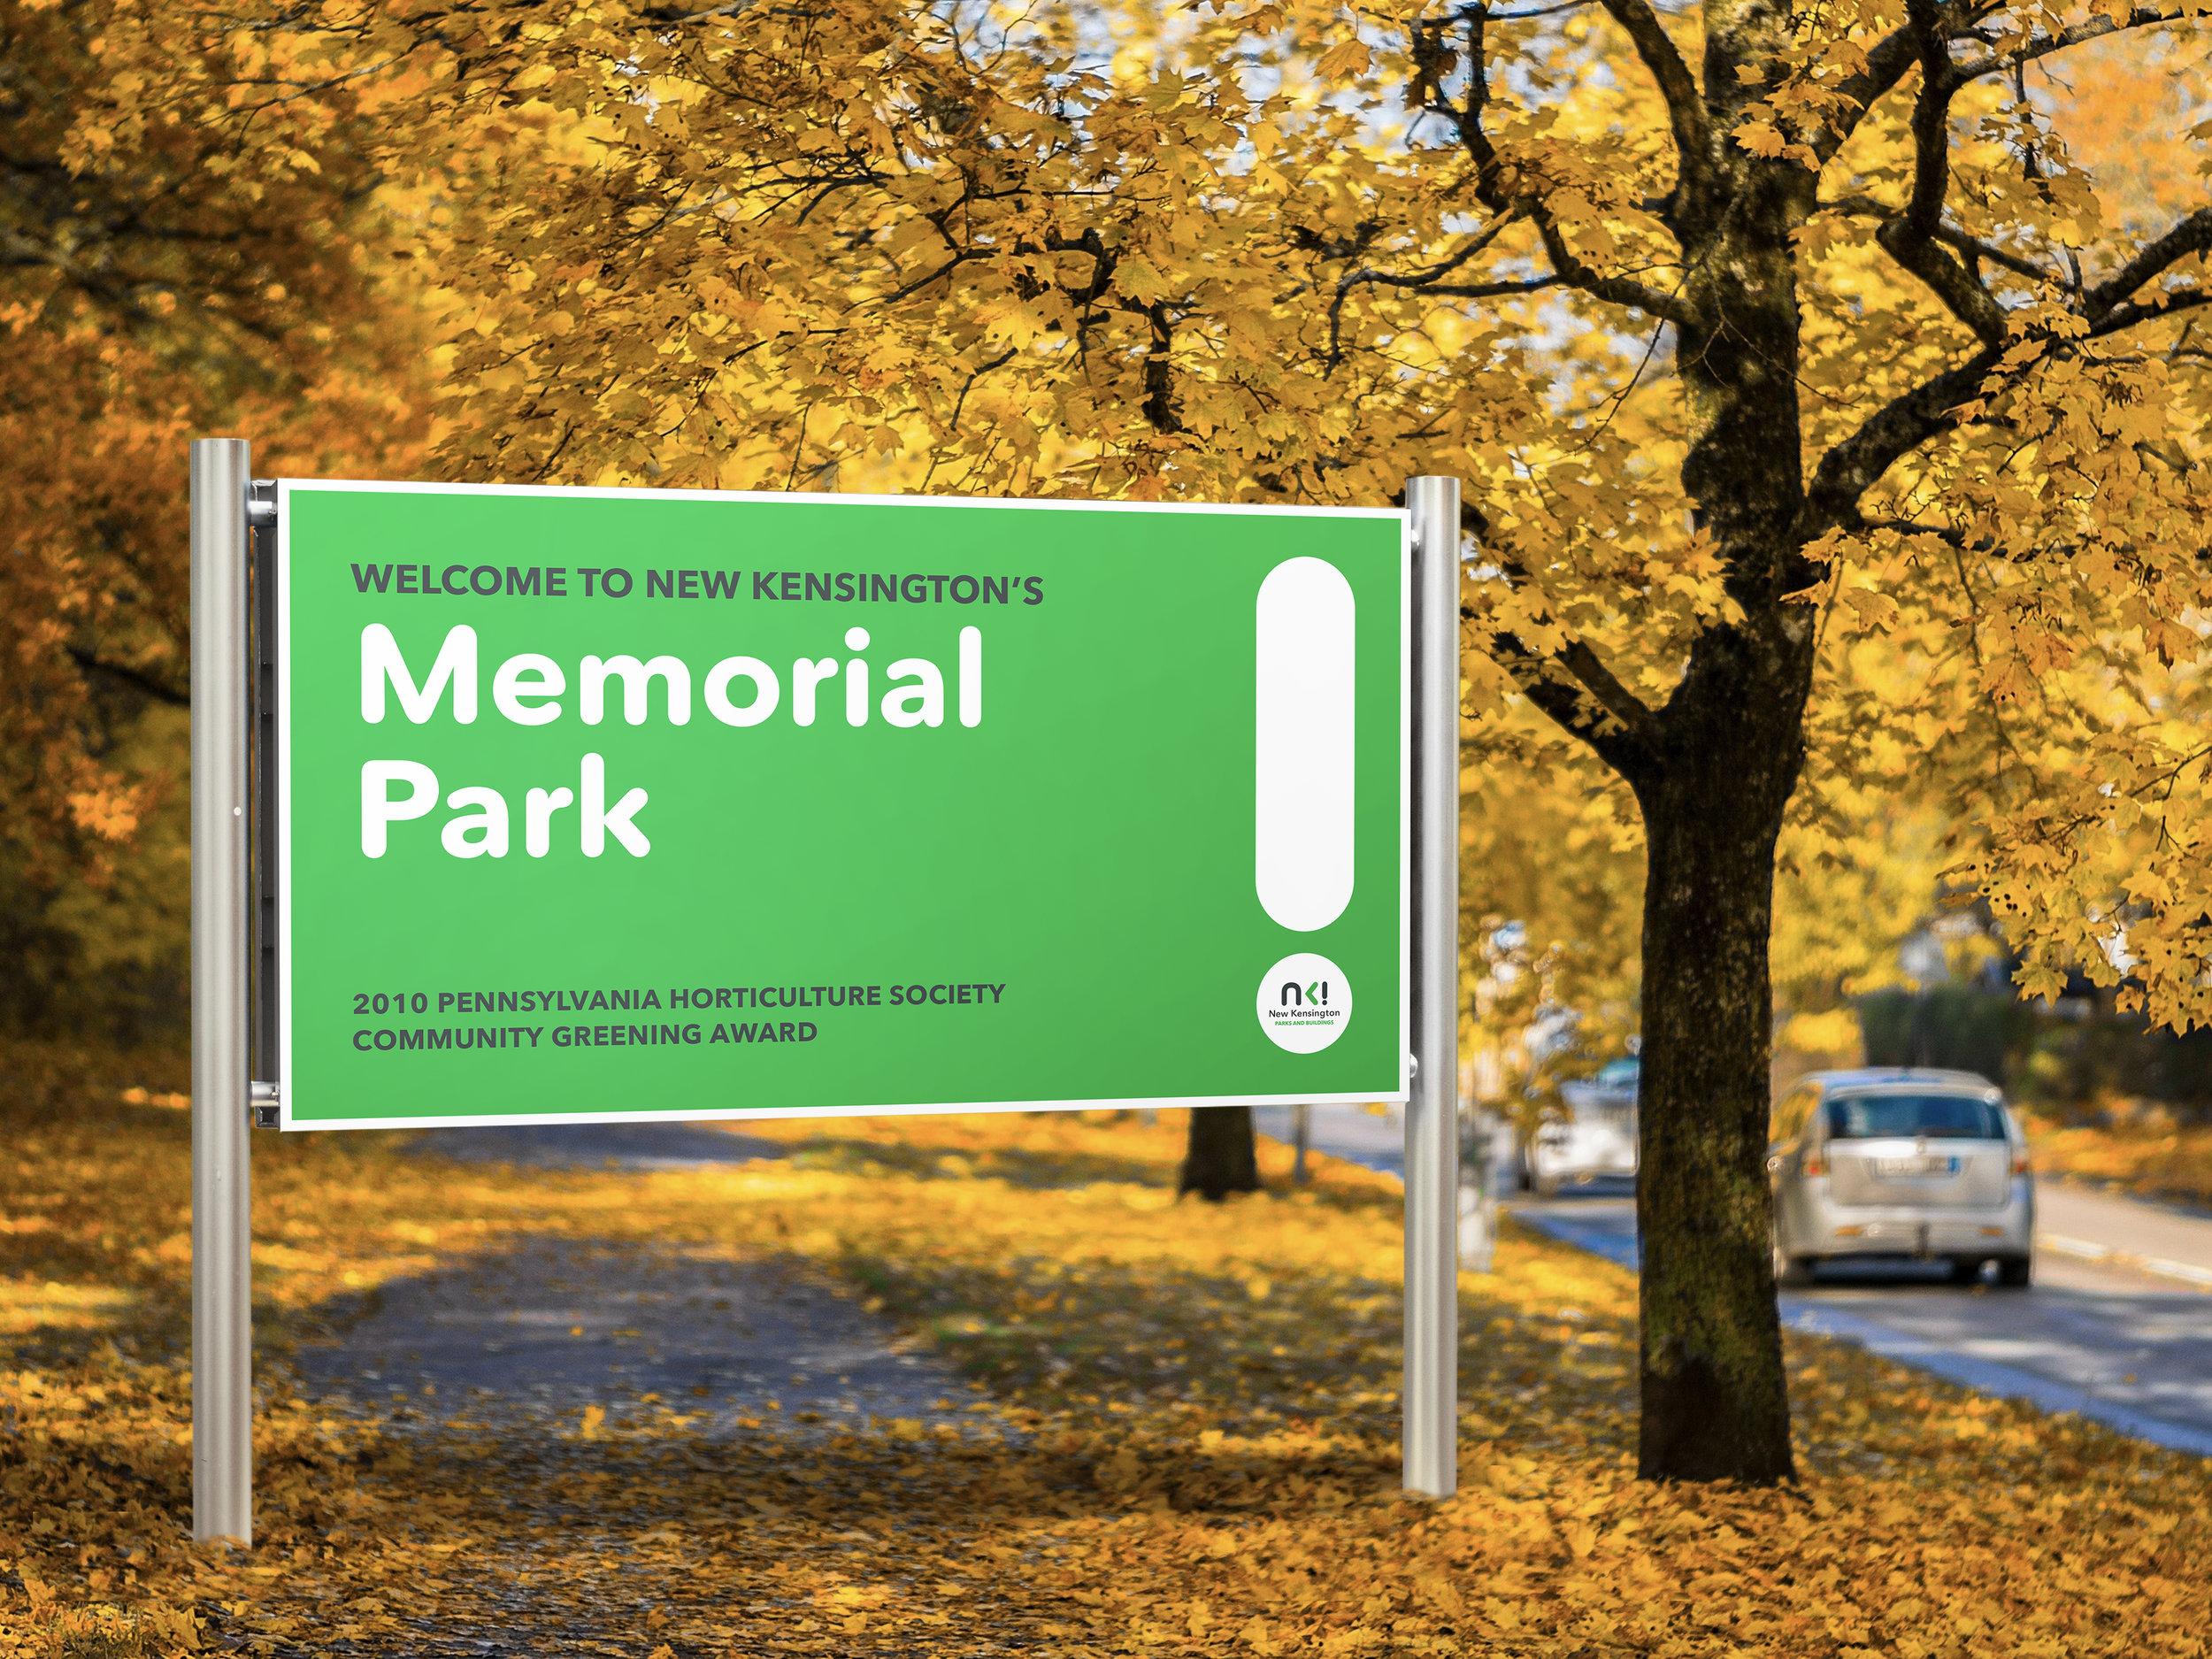 NewKen_ParkSign_Welcome_Concept1.jpg